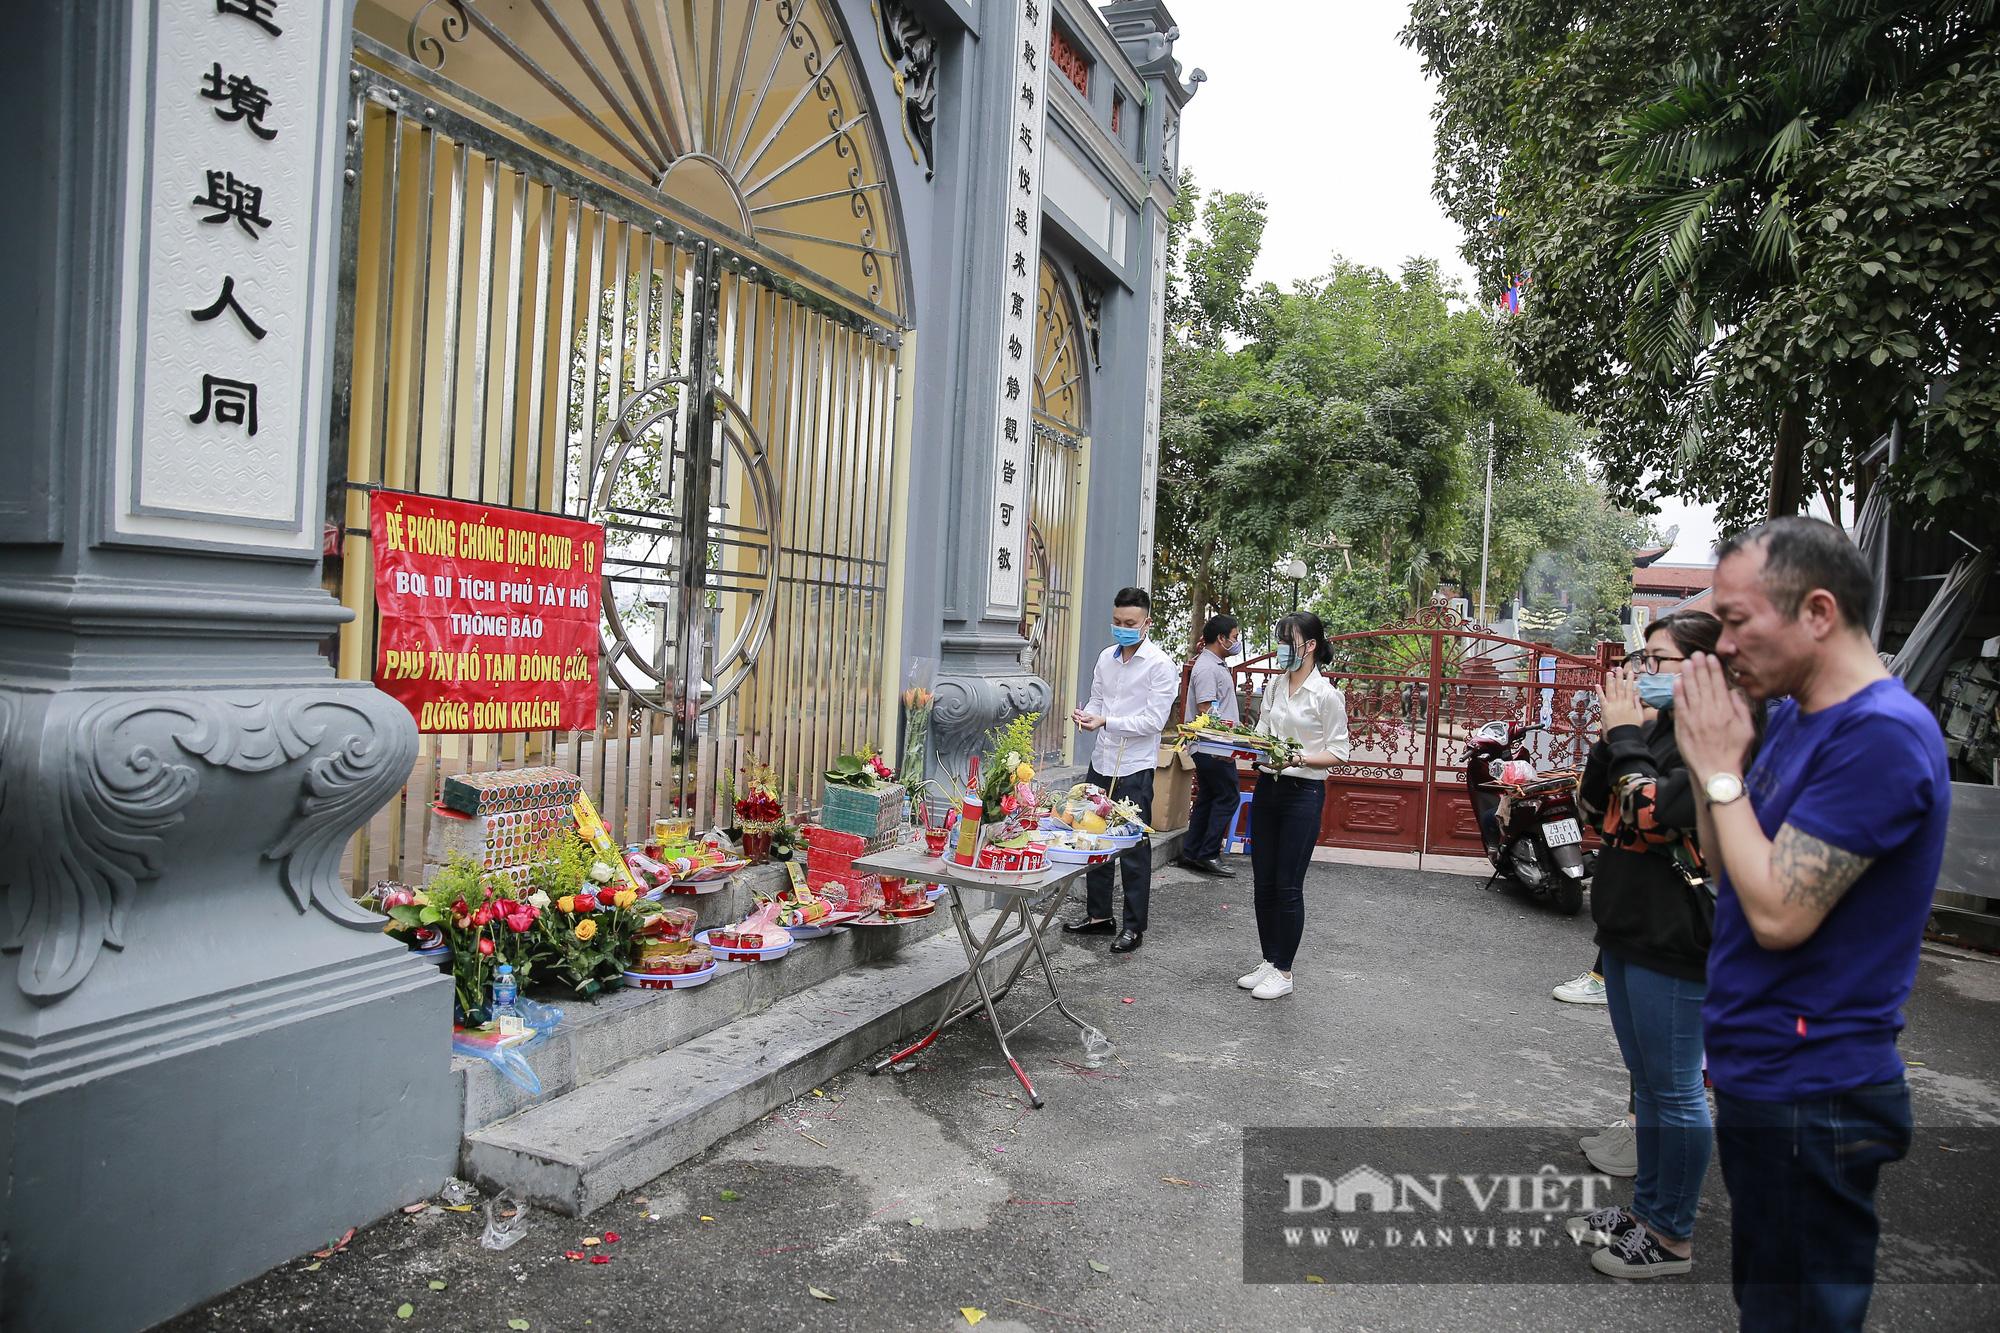 Công an gác cổng, người dân lập bàn vái vọng trước đền chùa ngày Rằm tháng Giêng - Ảnh 4.